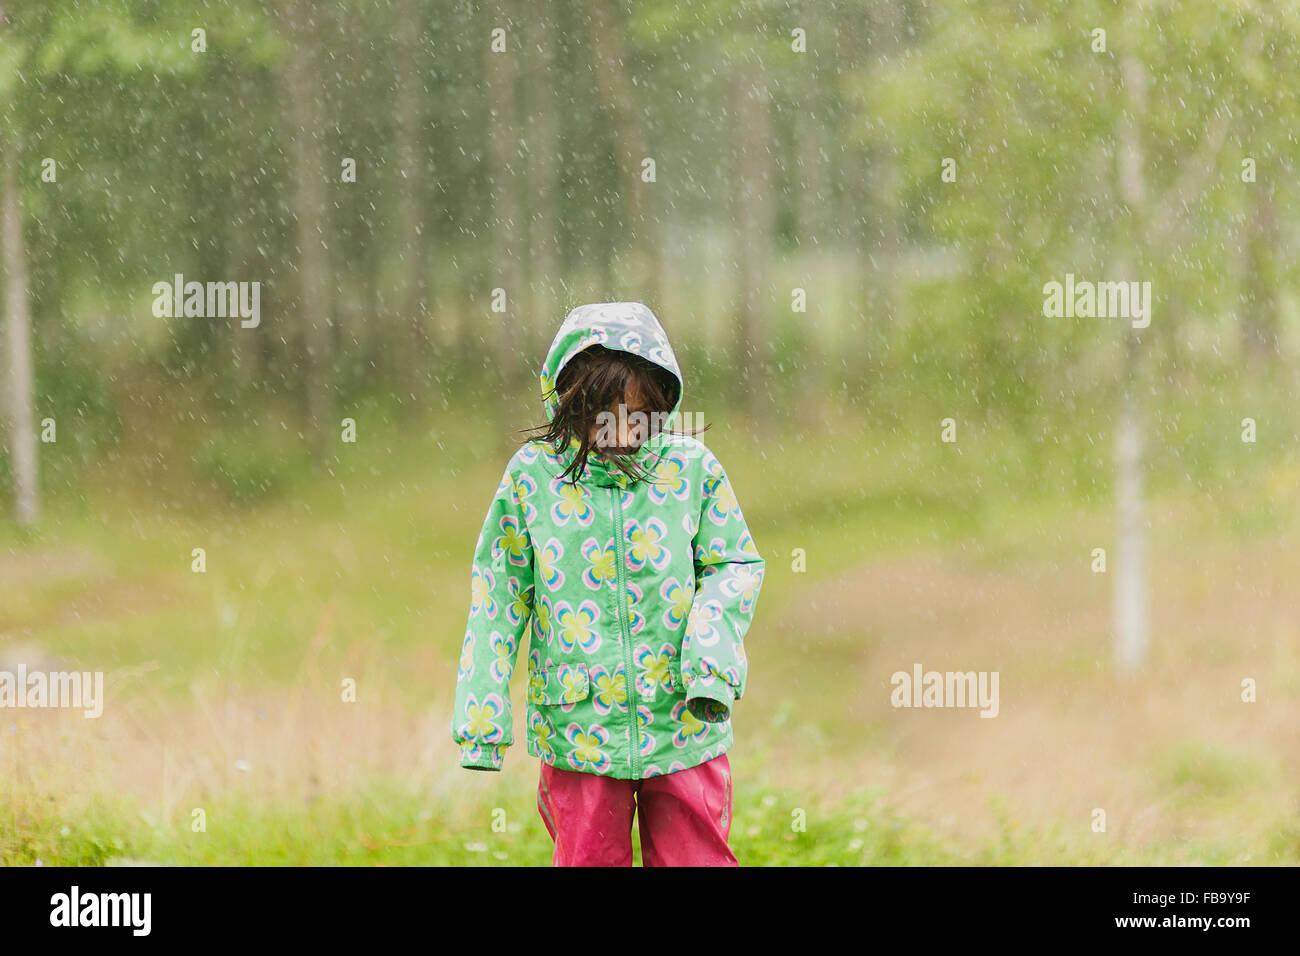 La Svezia, Vastmanland, Bergslagen, ragazza (4-5) in esecuzione in caso di pioggia Immagini Stock